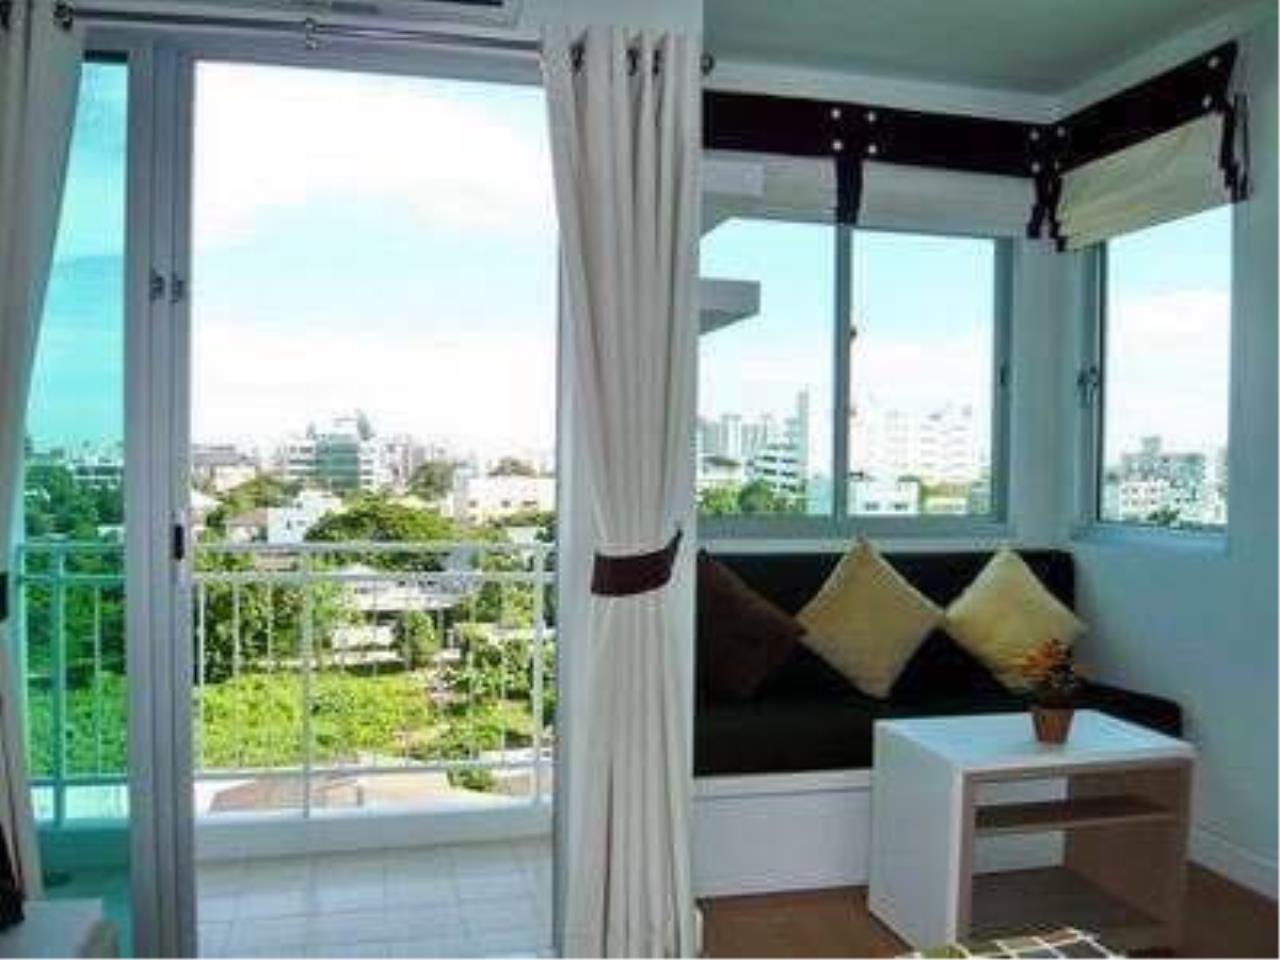 Quality Life Property Agency's S A L E & R E N T ! My Condo Sukhumvit 81 | 1 BED 1 BATH | 26 SQ. M. 3